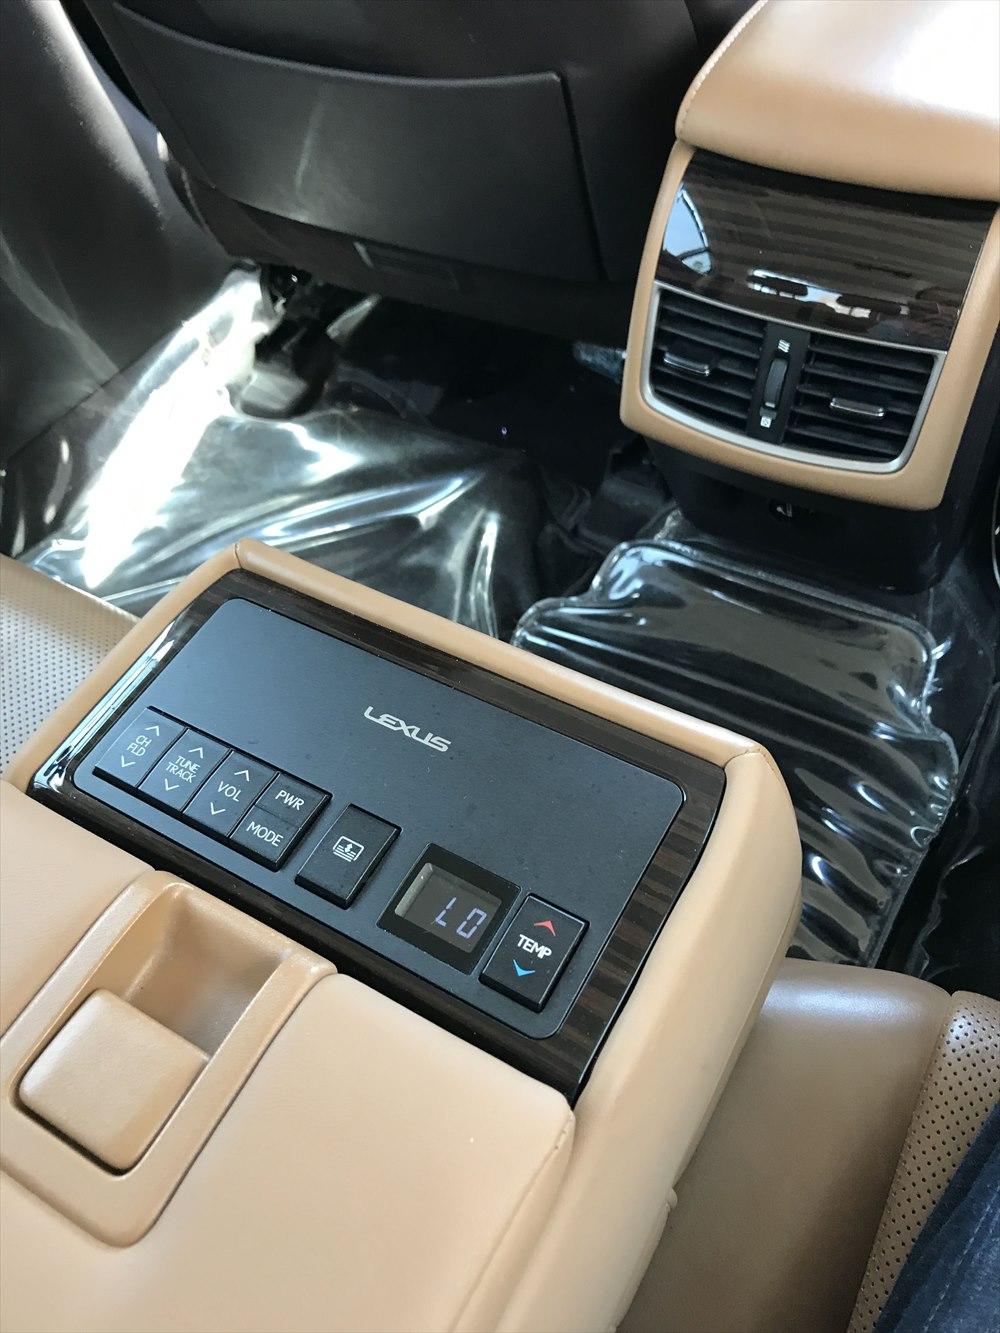 ドバイのUberのレクサスの車内